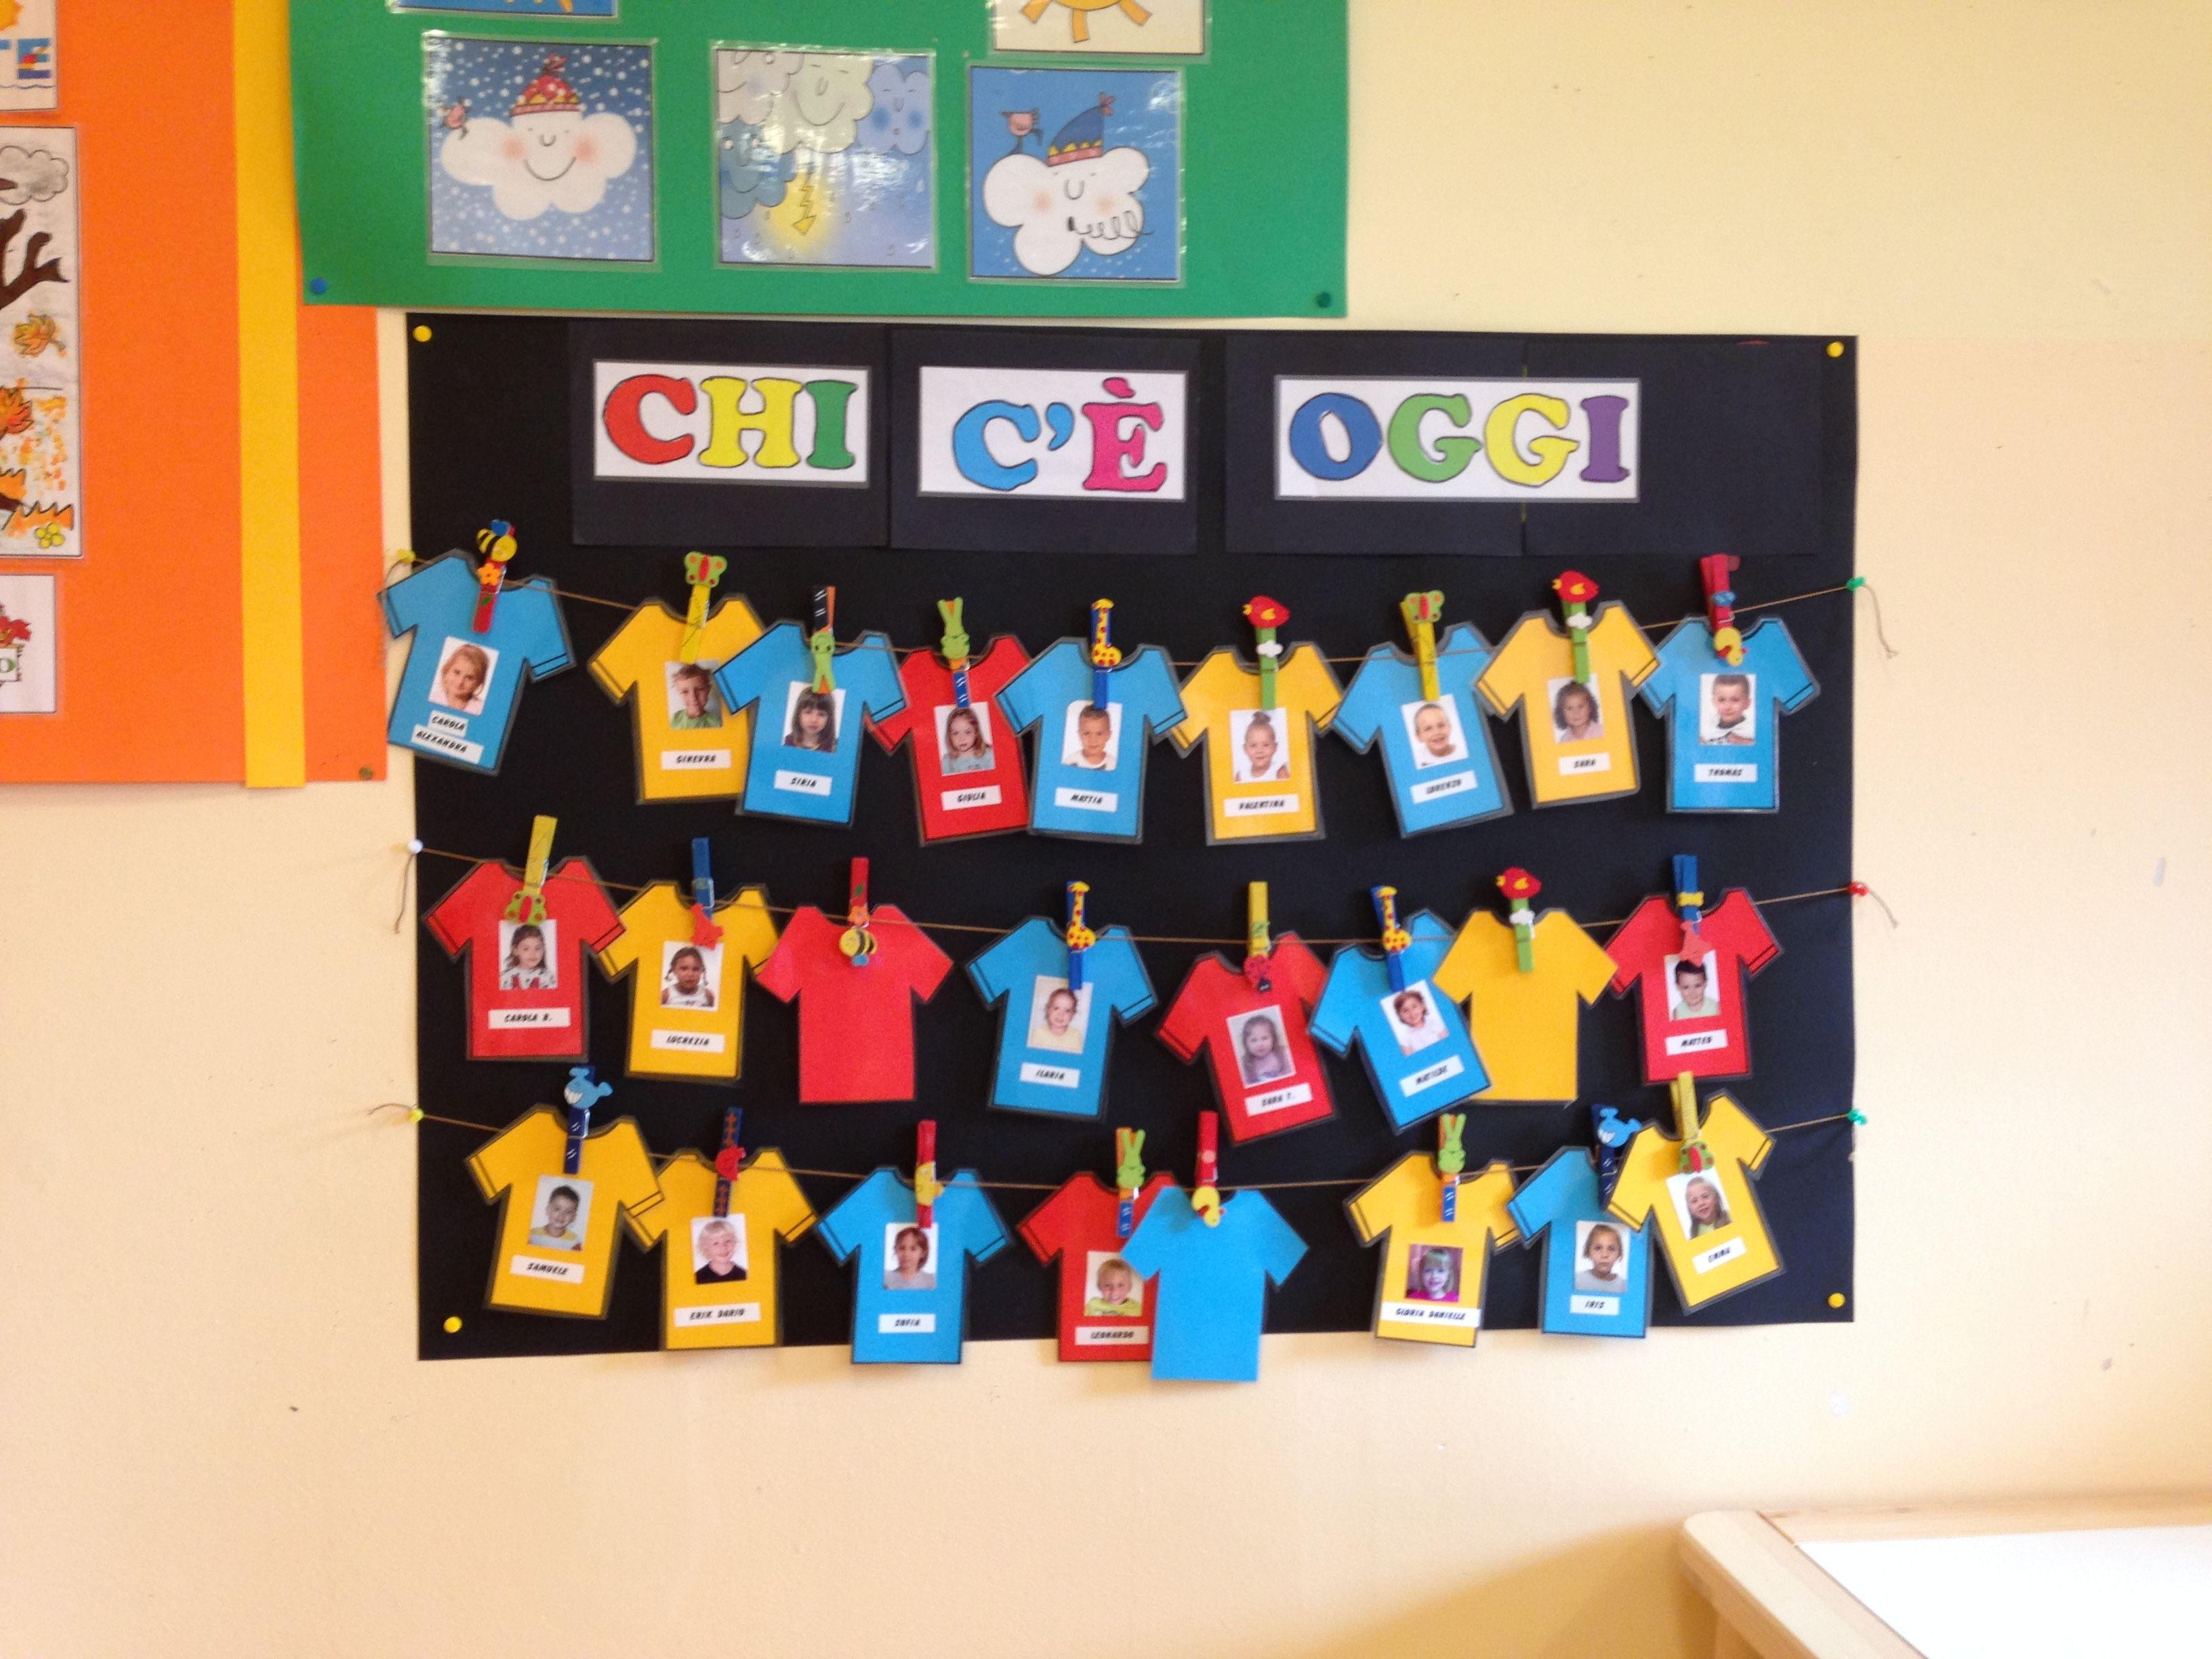 Cartellone presenze assenze lavoretti scuola materna for Idee per cartelloni scuola infanzia